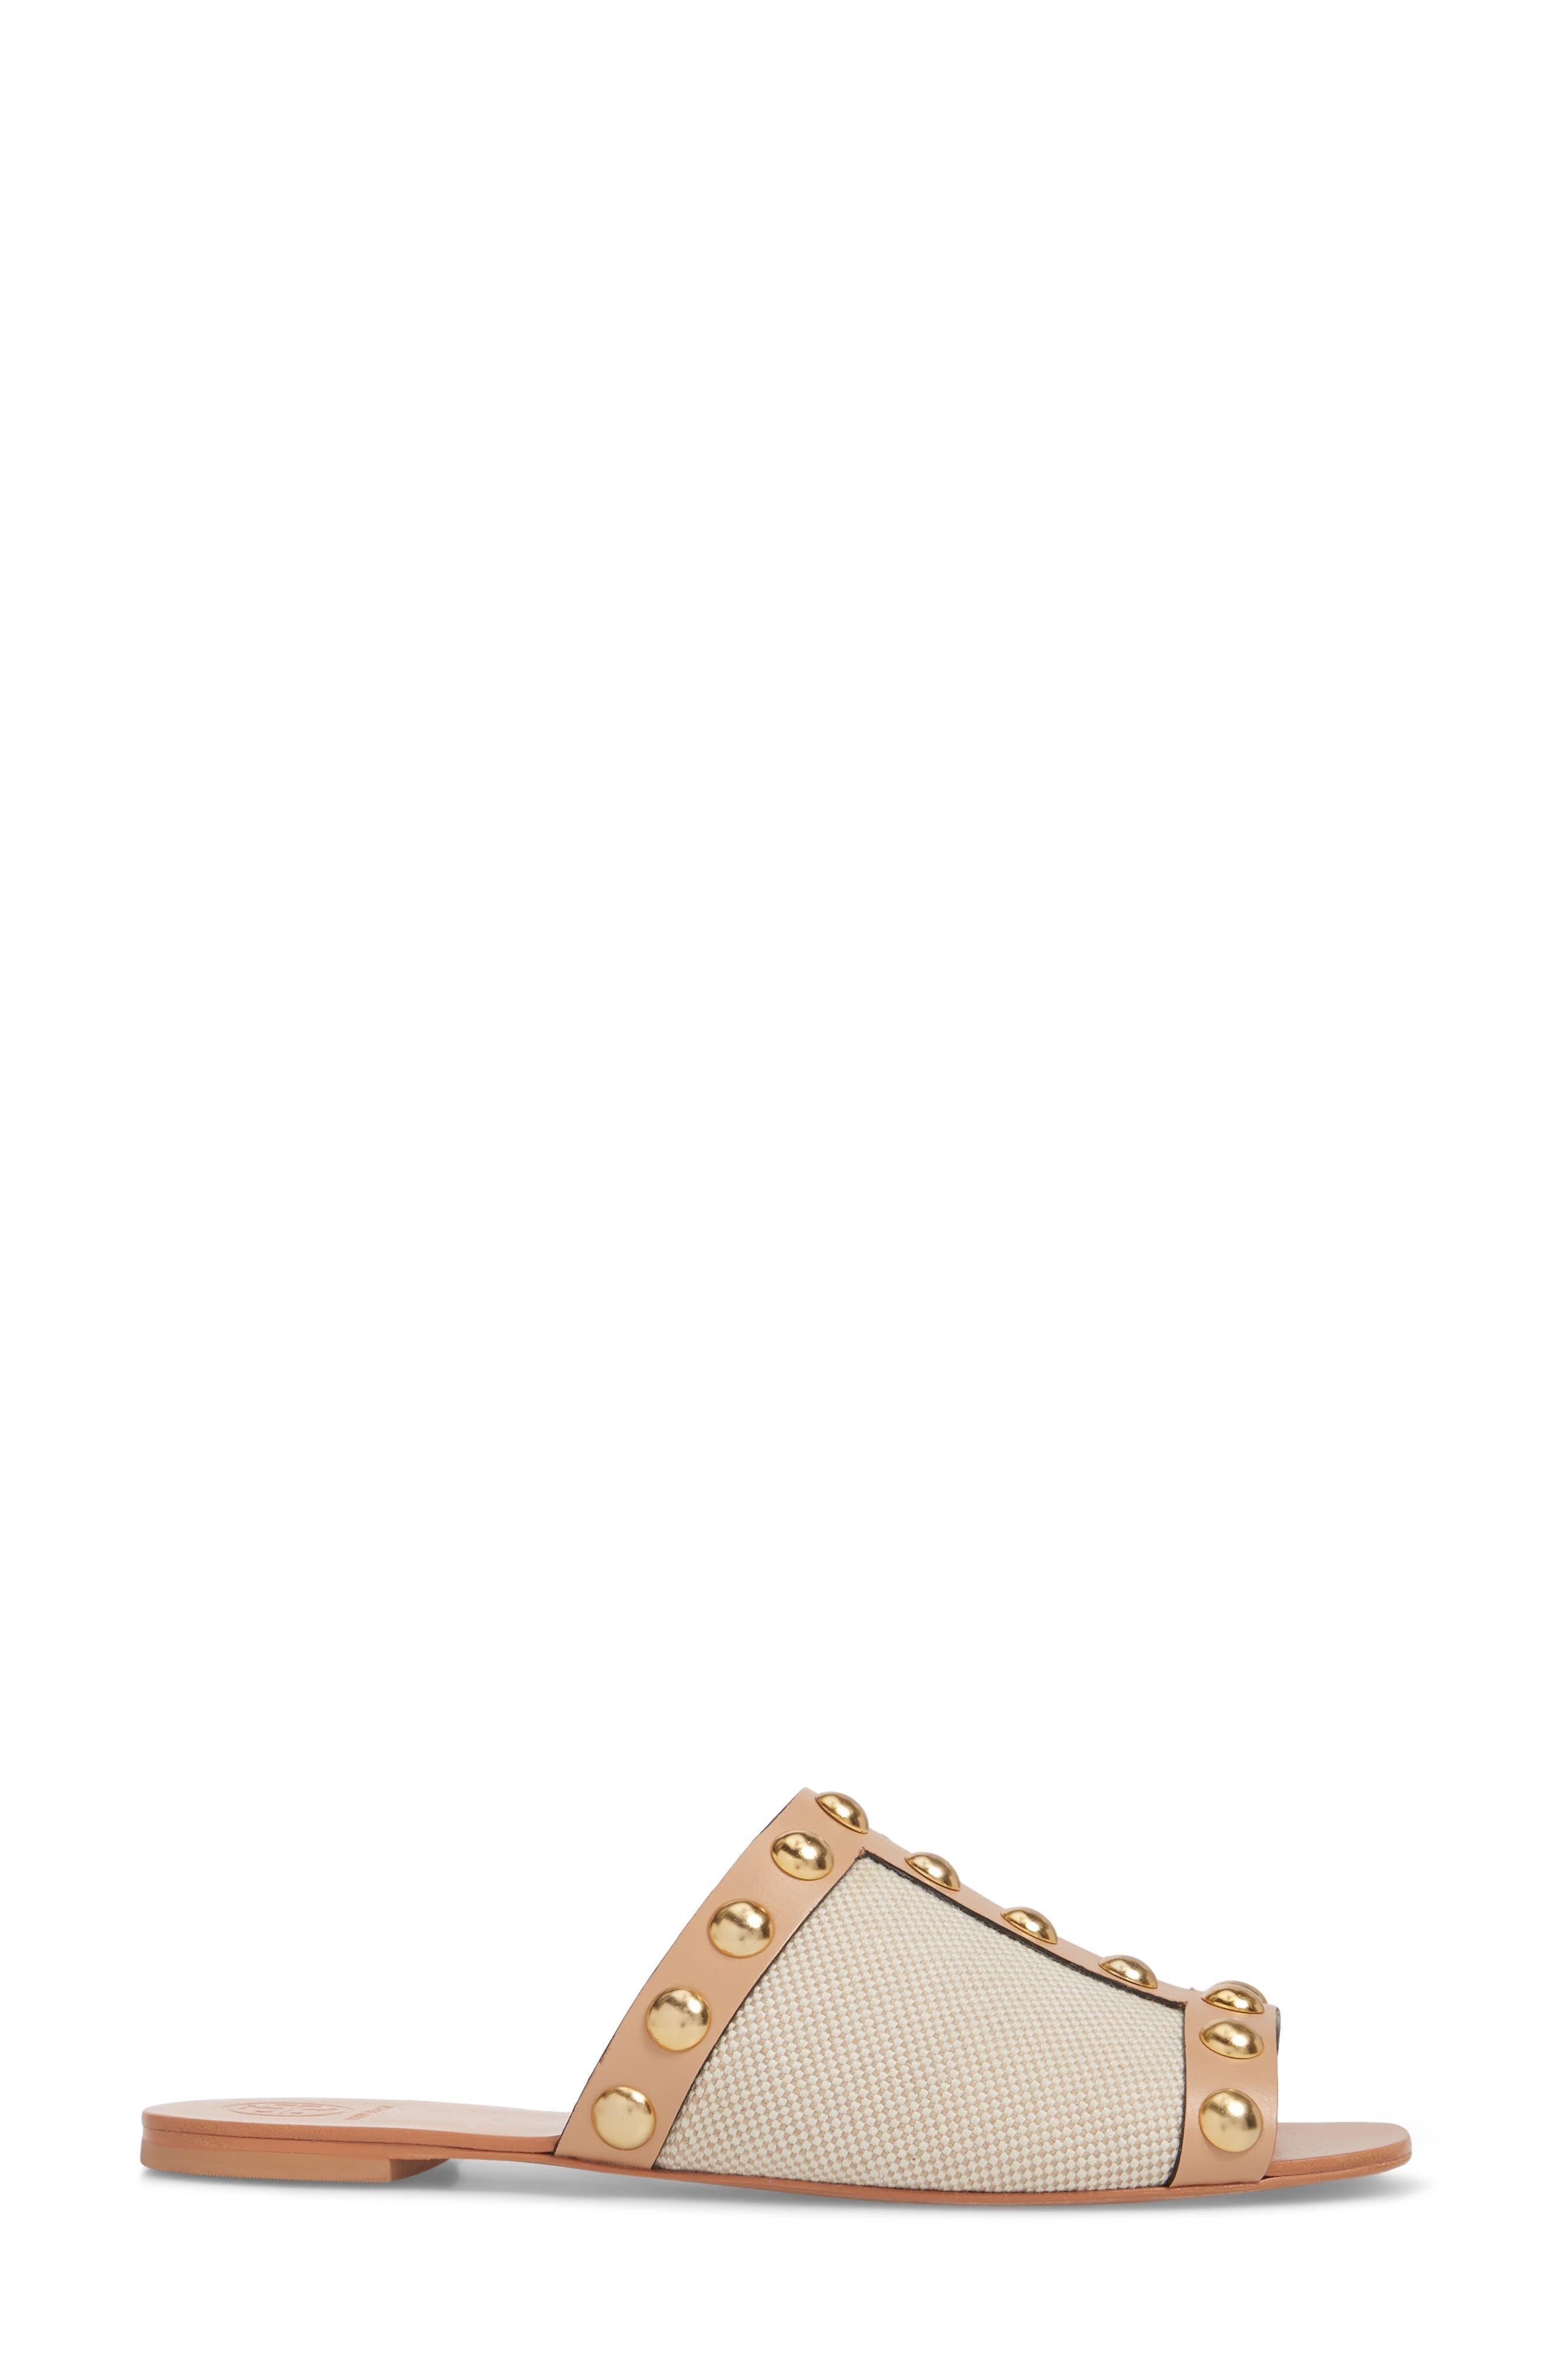 Blythe Slide Sandal,                             Alternate thumbnail 3, color,                             250